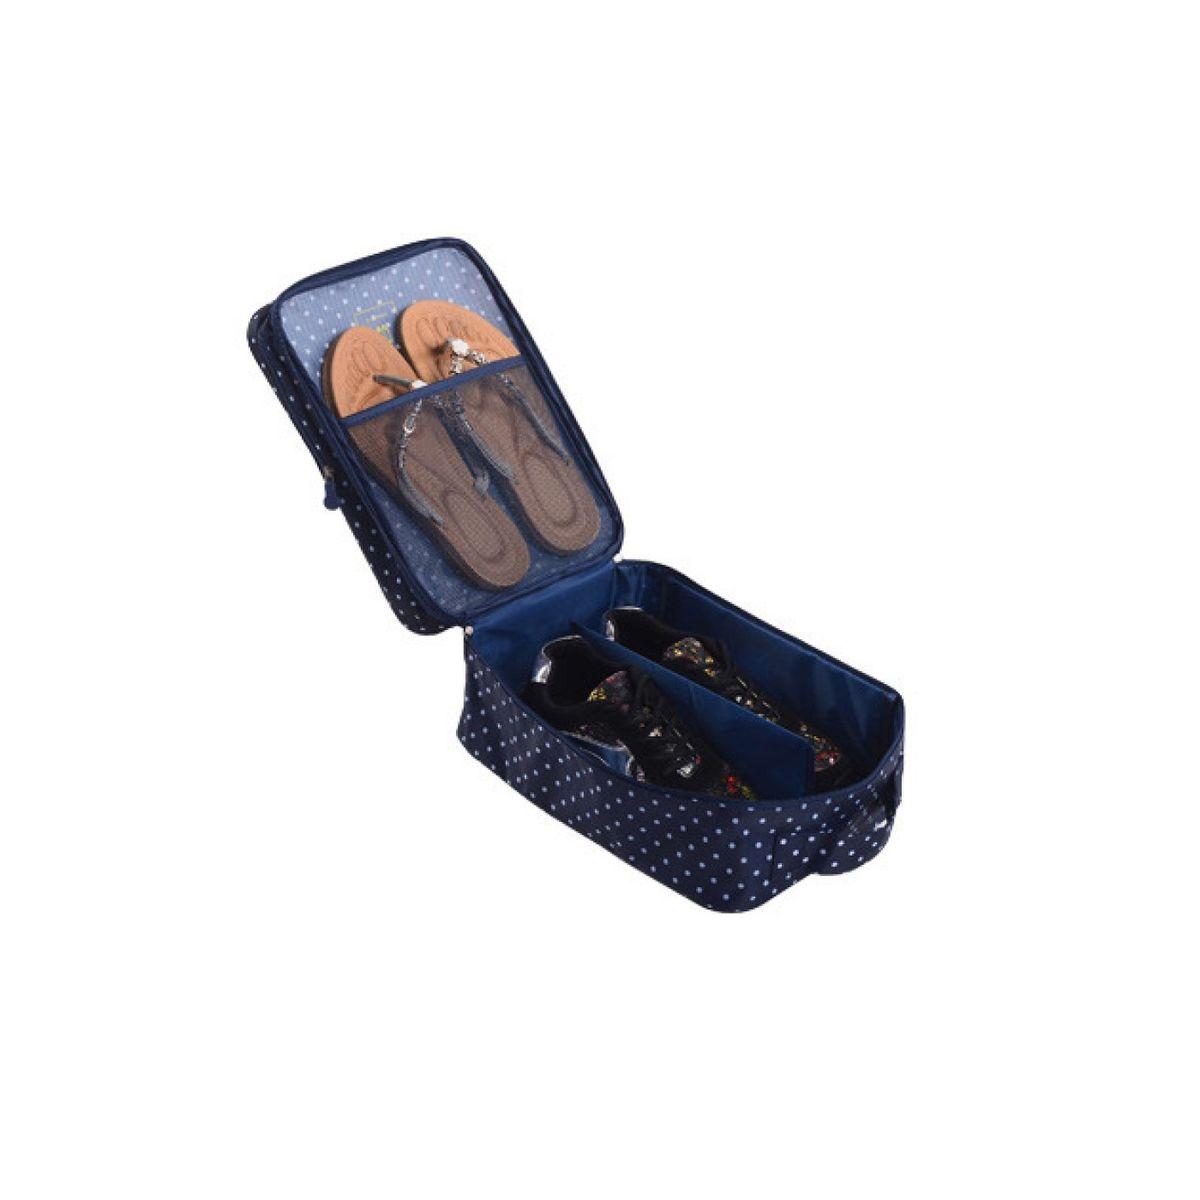 """Органайзер для обуви """"Homsu"""" изготовлен  из 100% полиэстера. Экономичная замена  пластиковым пакетам и громоздким коробкам.  Органайзер закрывается на молнию. Имеется ручка  для удобной переноски. Внутри  органайзер разделен на 2 отделения для обуви с  дополнительным сетчатым кармашком. Очень компактный и очень удобный, такой  органайзер  поможет вам хранить обувь в чистоте и порядке. Размер: 32 х 20 х 13 см."""